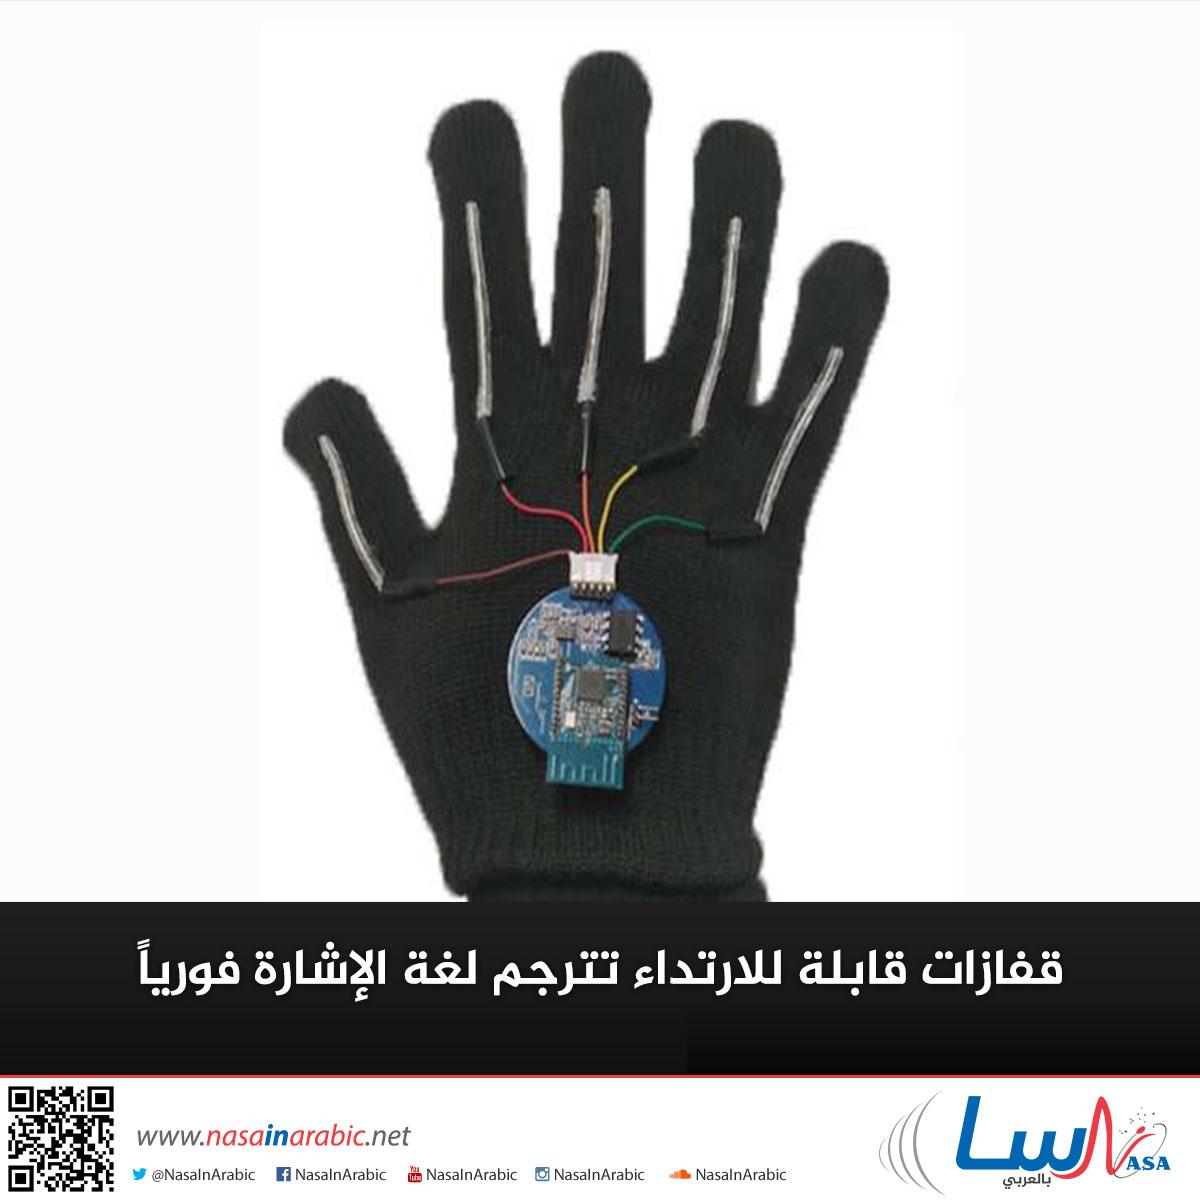 قفازات قابلة للارتداء تترجم لغة الإشارة فوريًا